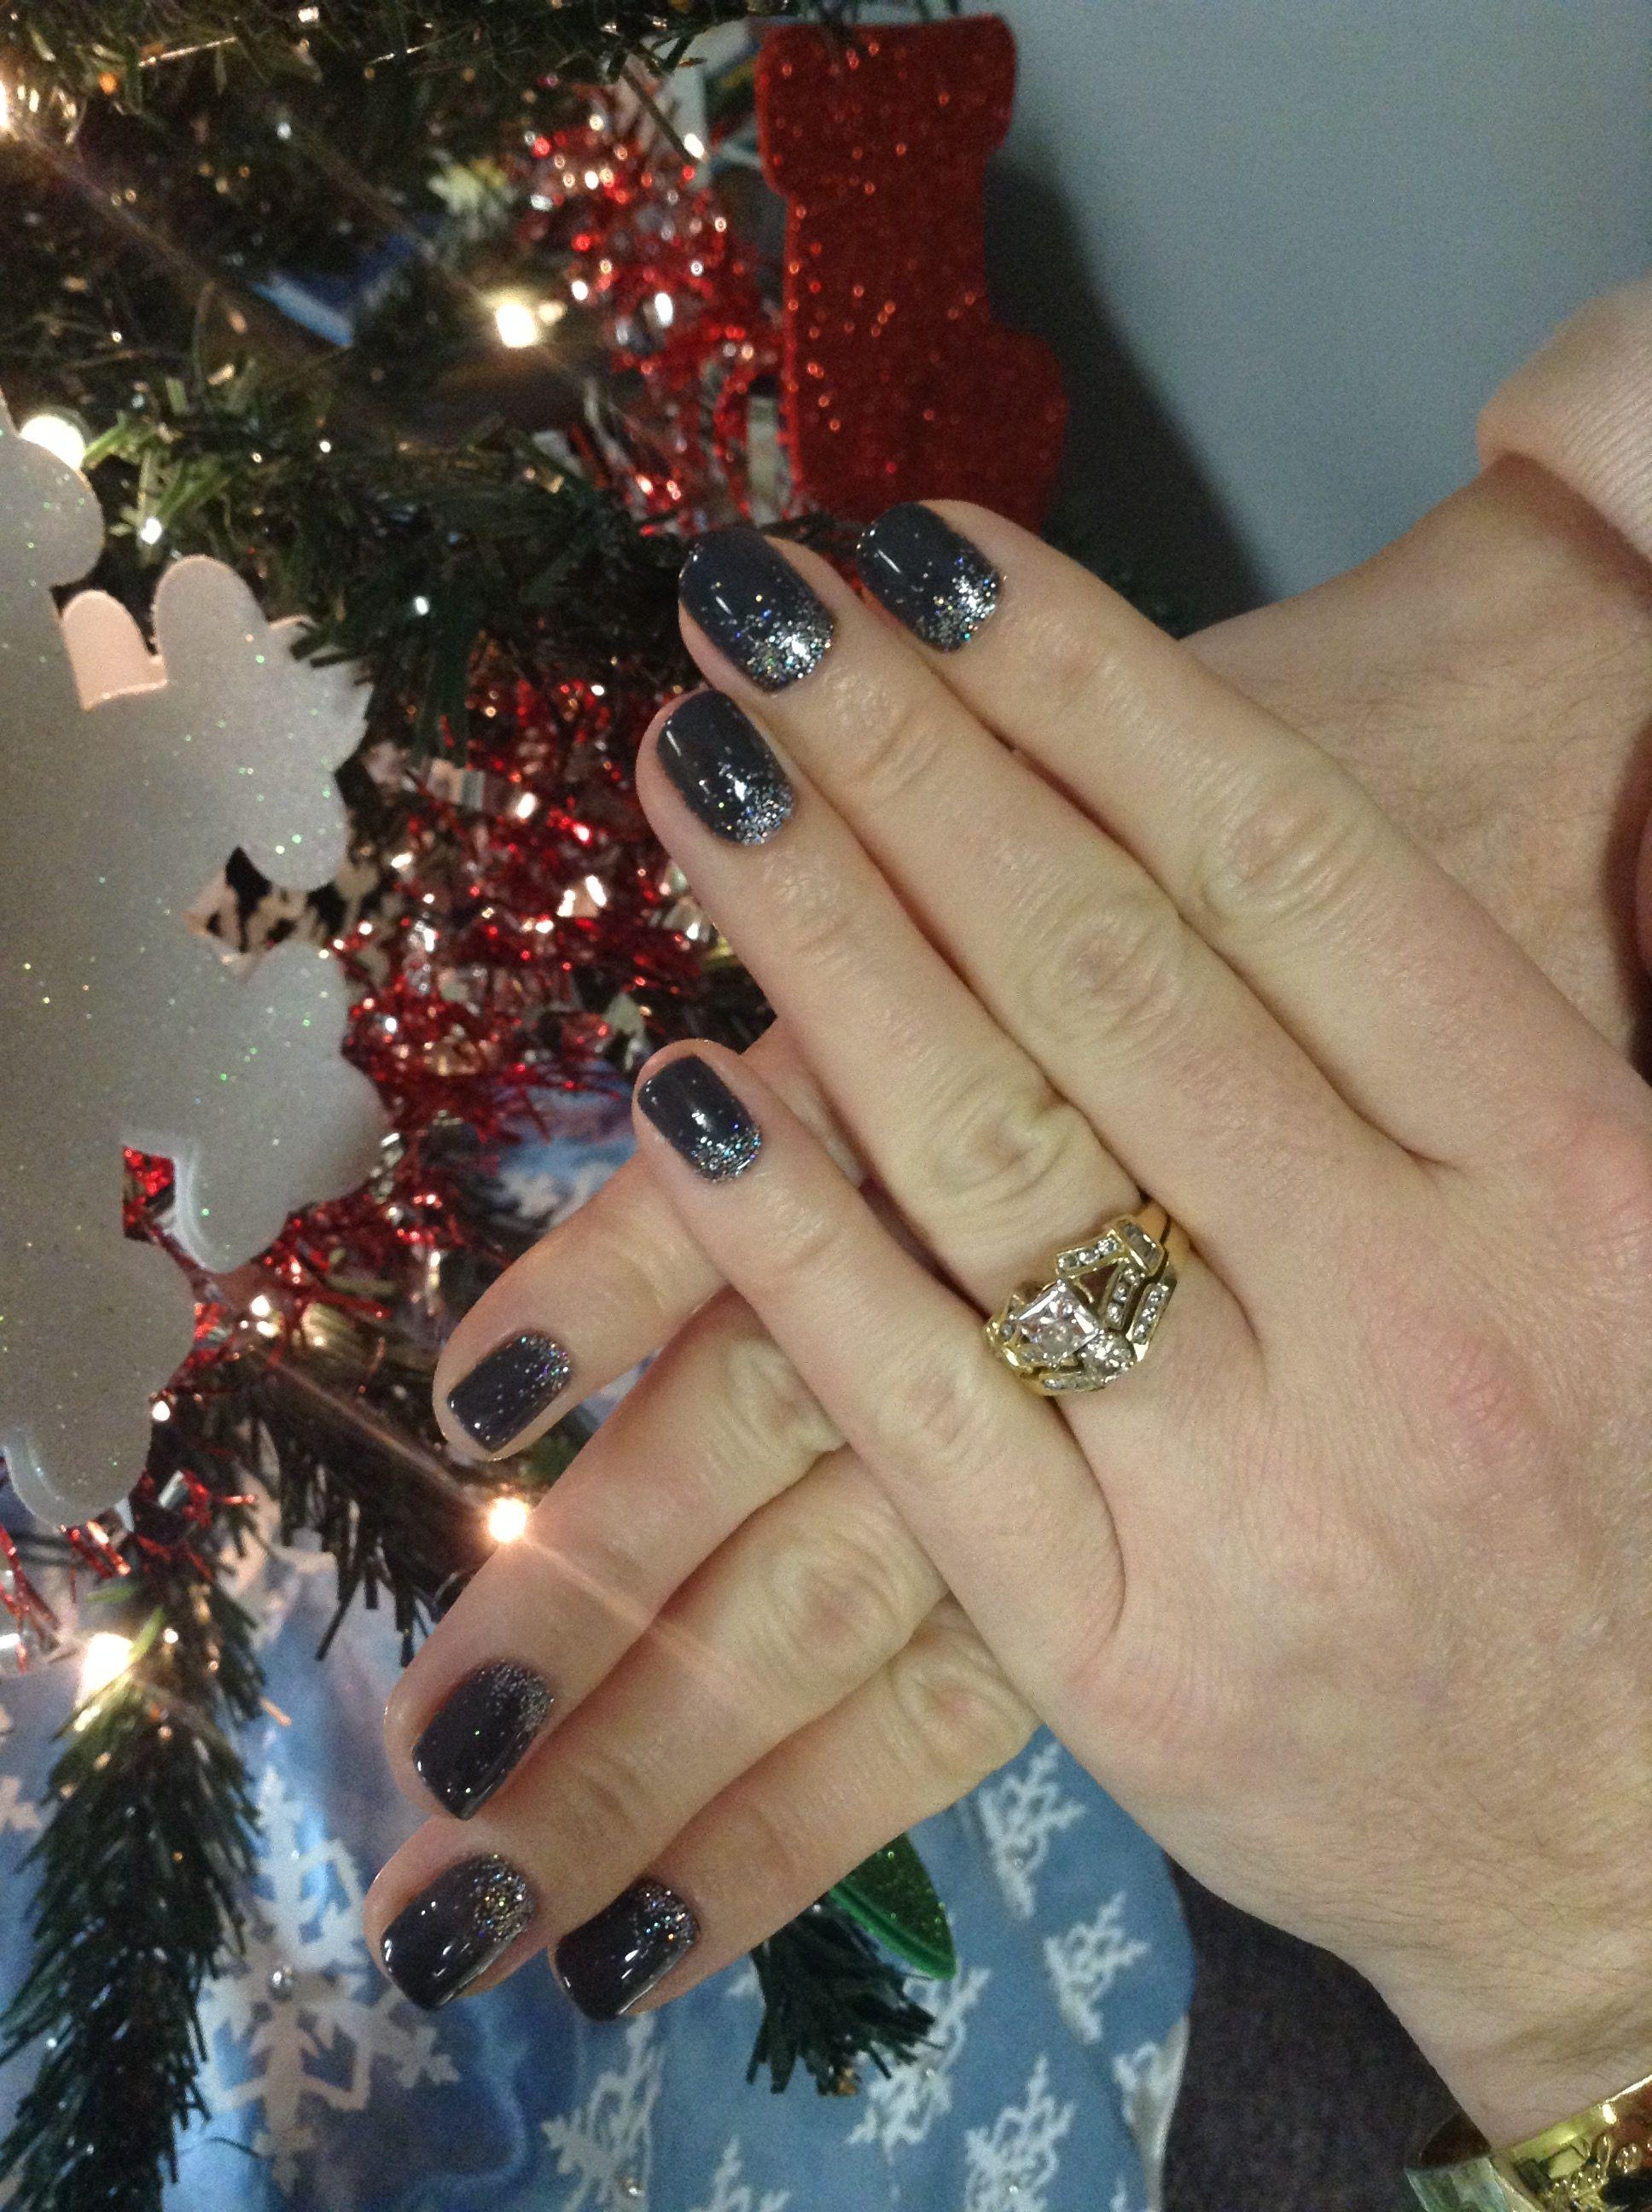 Fun winter nails. Evolution salon and spa cape may nj. Www ...